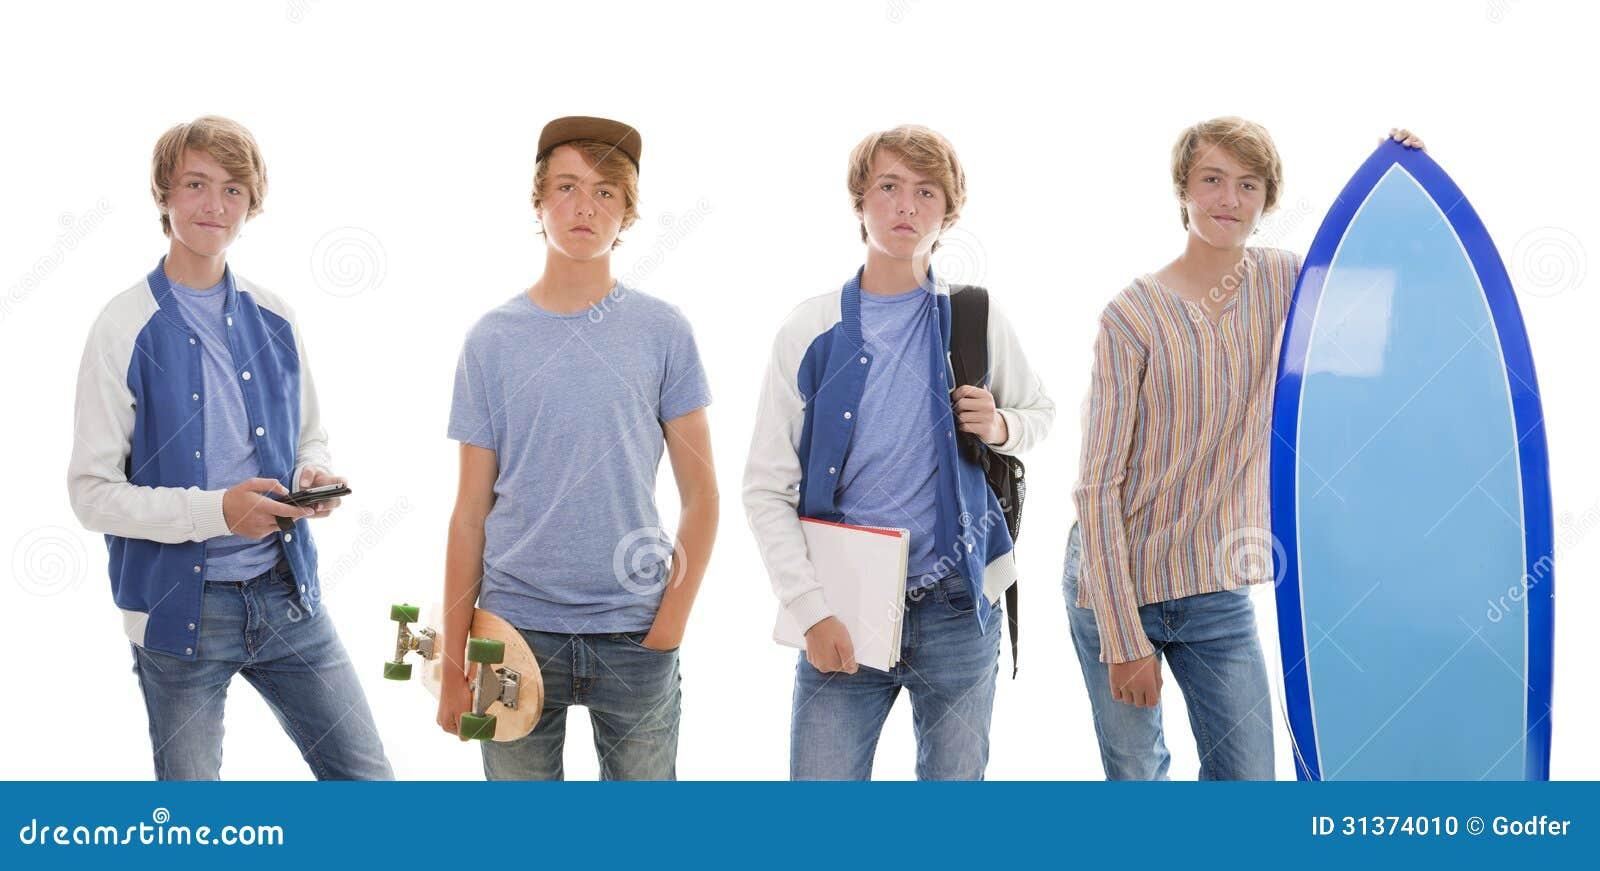 Adolescencia, adolescentes, Archivos - Erytheia Psicologa